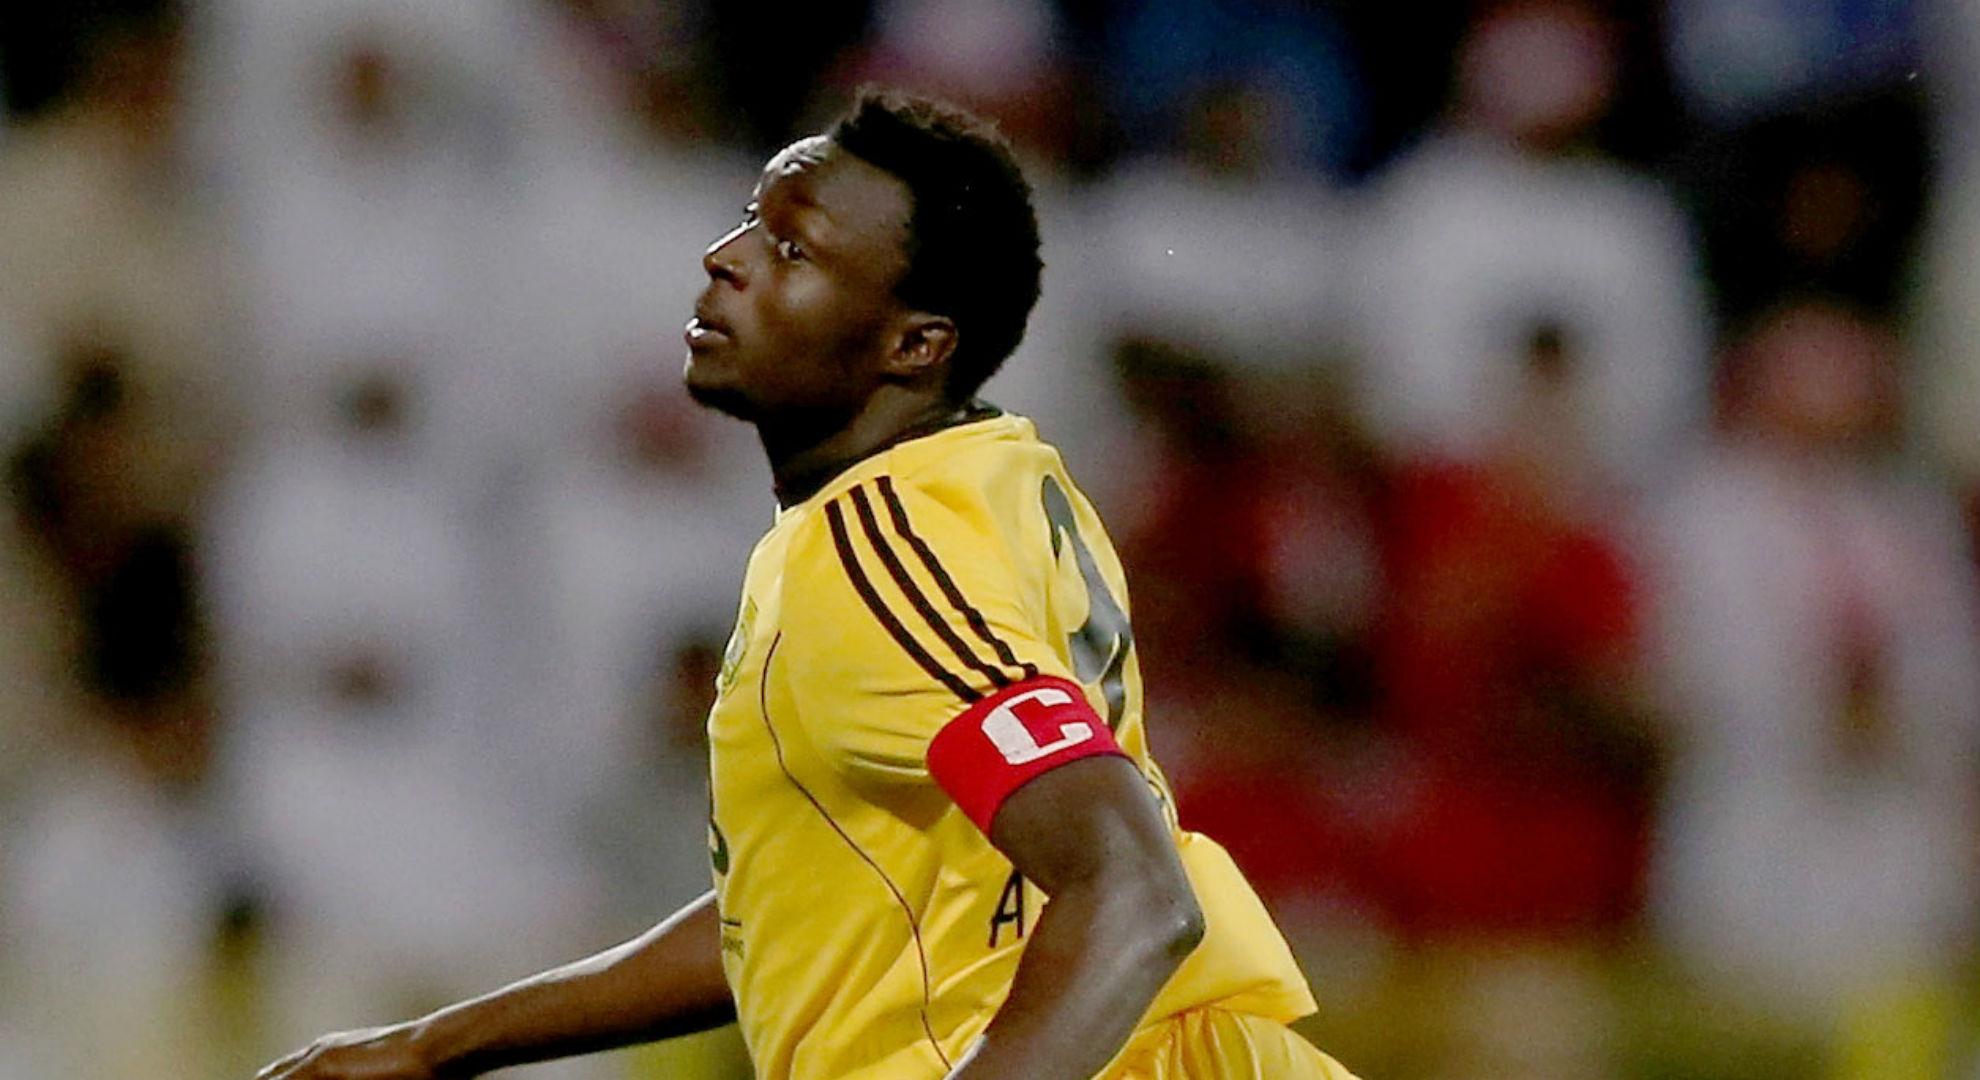 Andre Senghor's brace: Ex-Senegal striker fires Nei Mongol Zhongyou past Xinjiang Tianshan